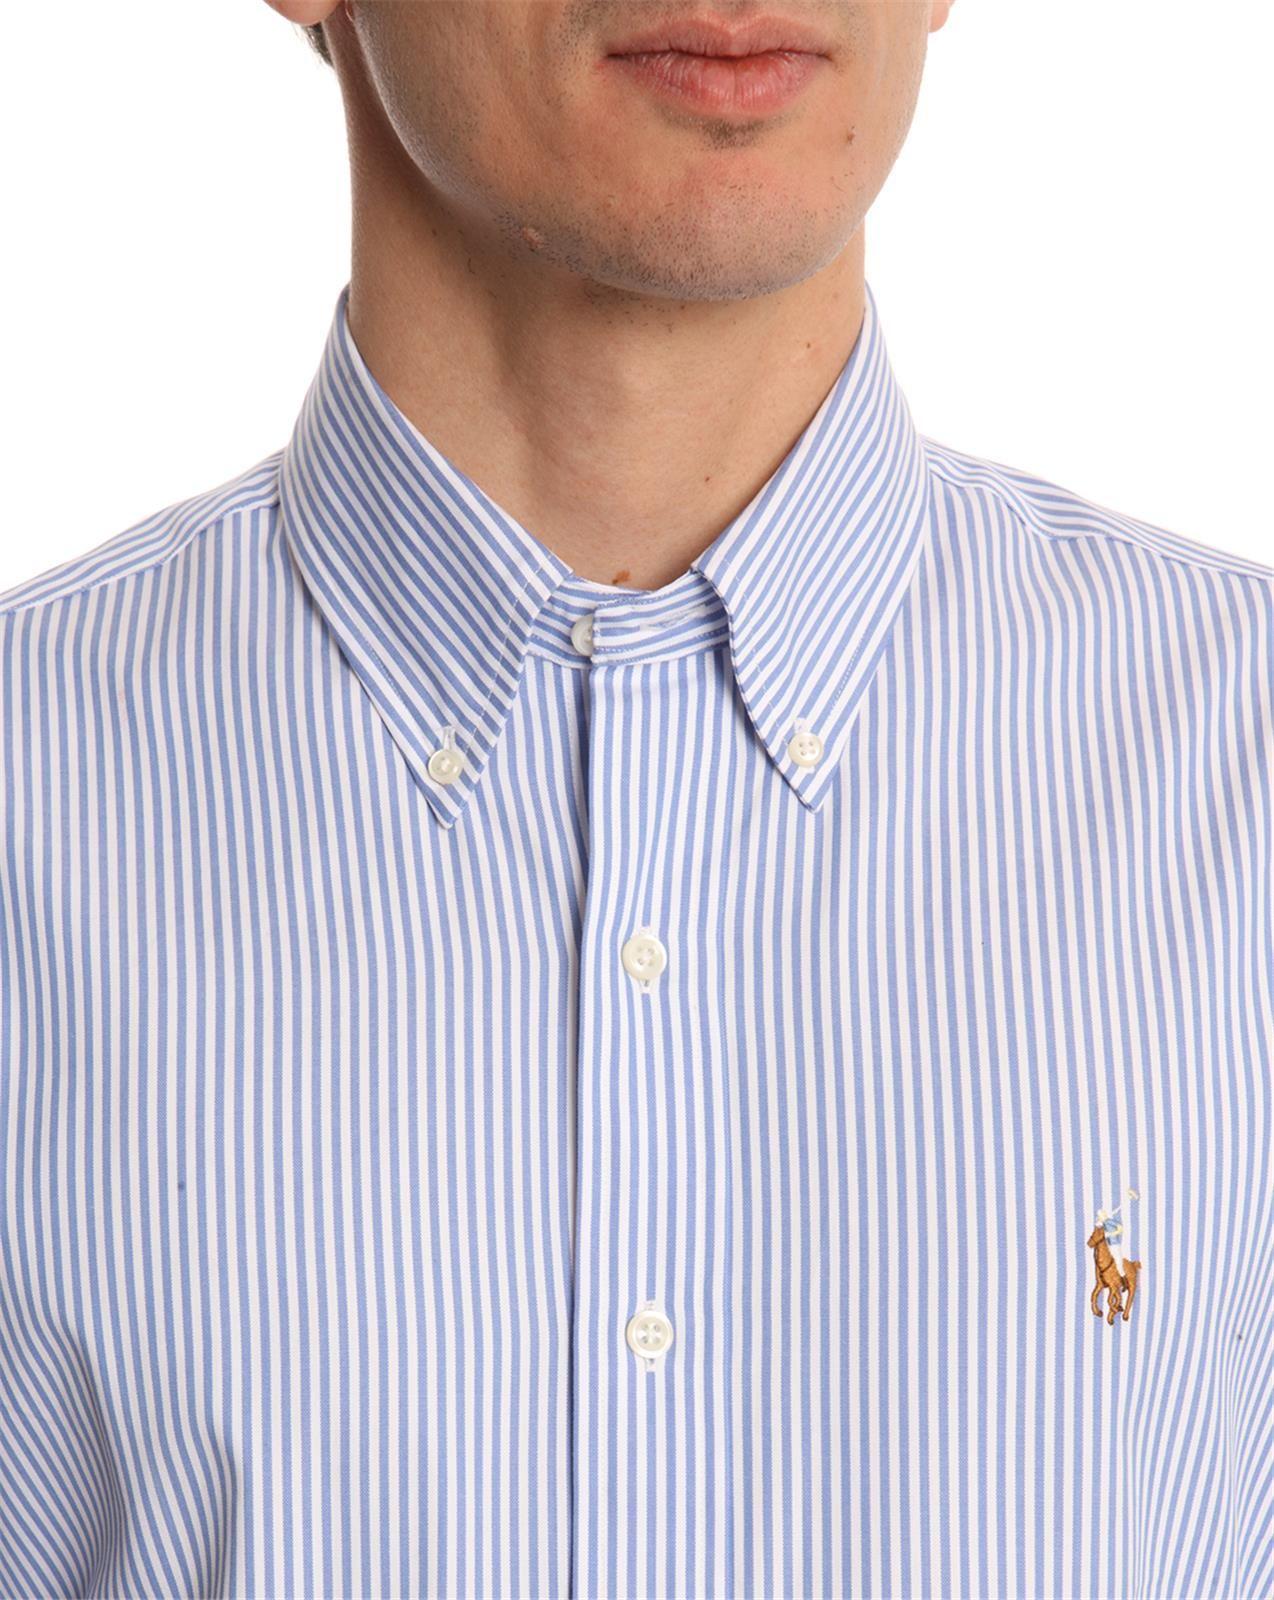 ralph lauren blue oxford shirt dr e horn gmbh dr e